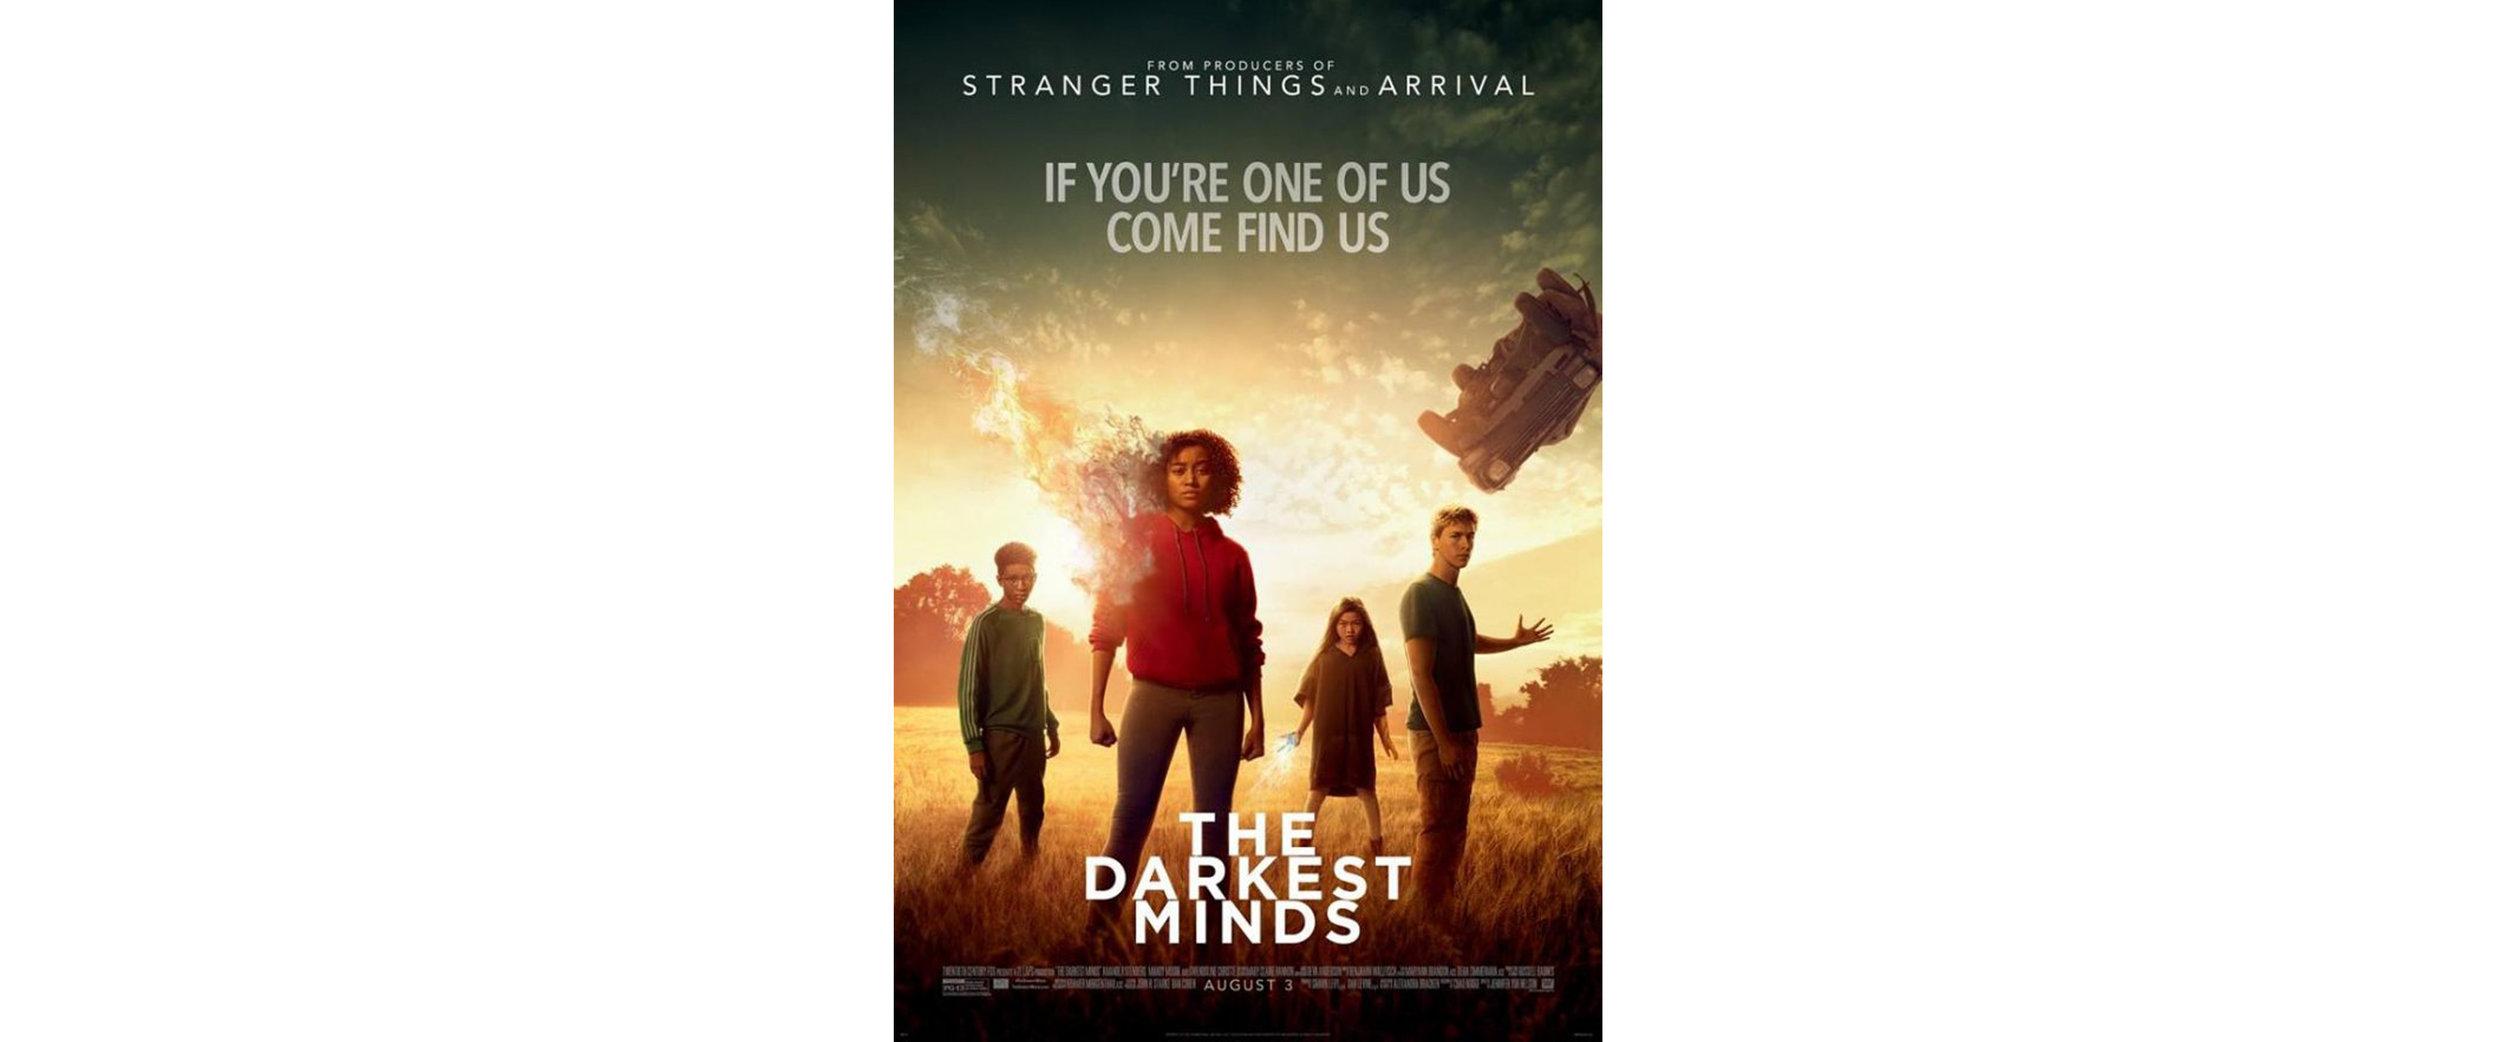 The Darkest Minds_5.jpg